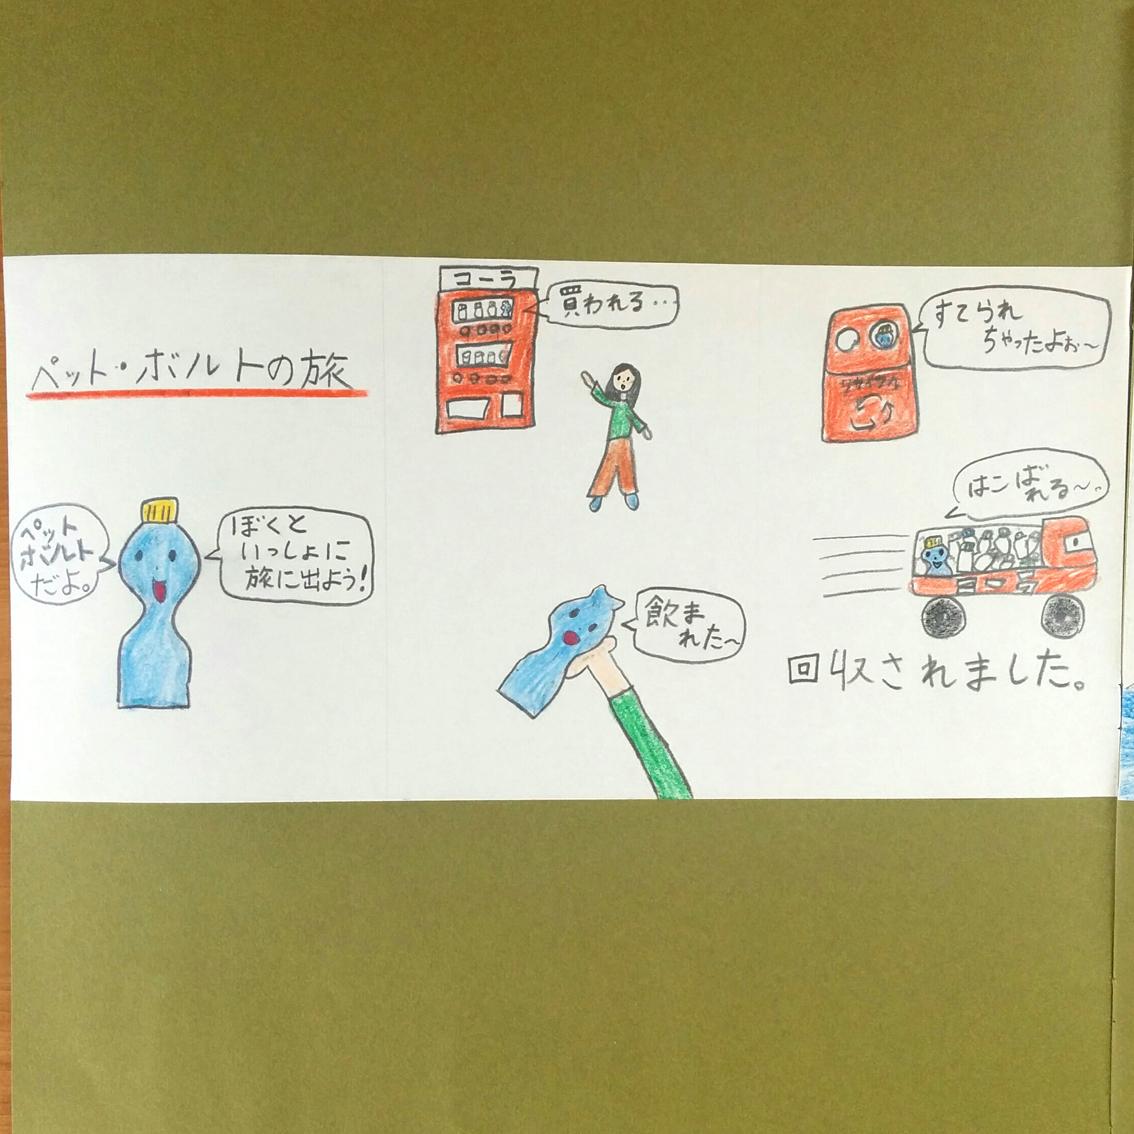 f:id:haruya-oyako:20210830102507j:plain